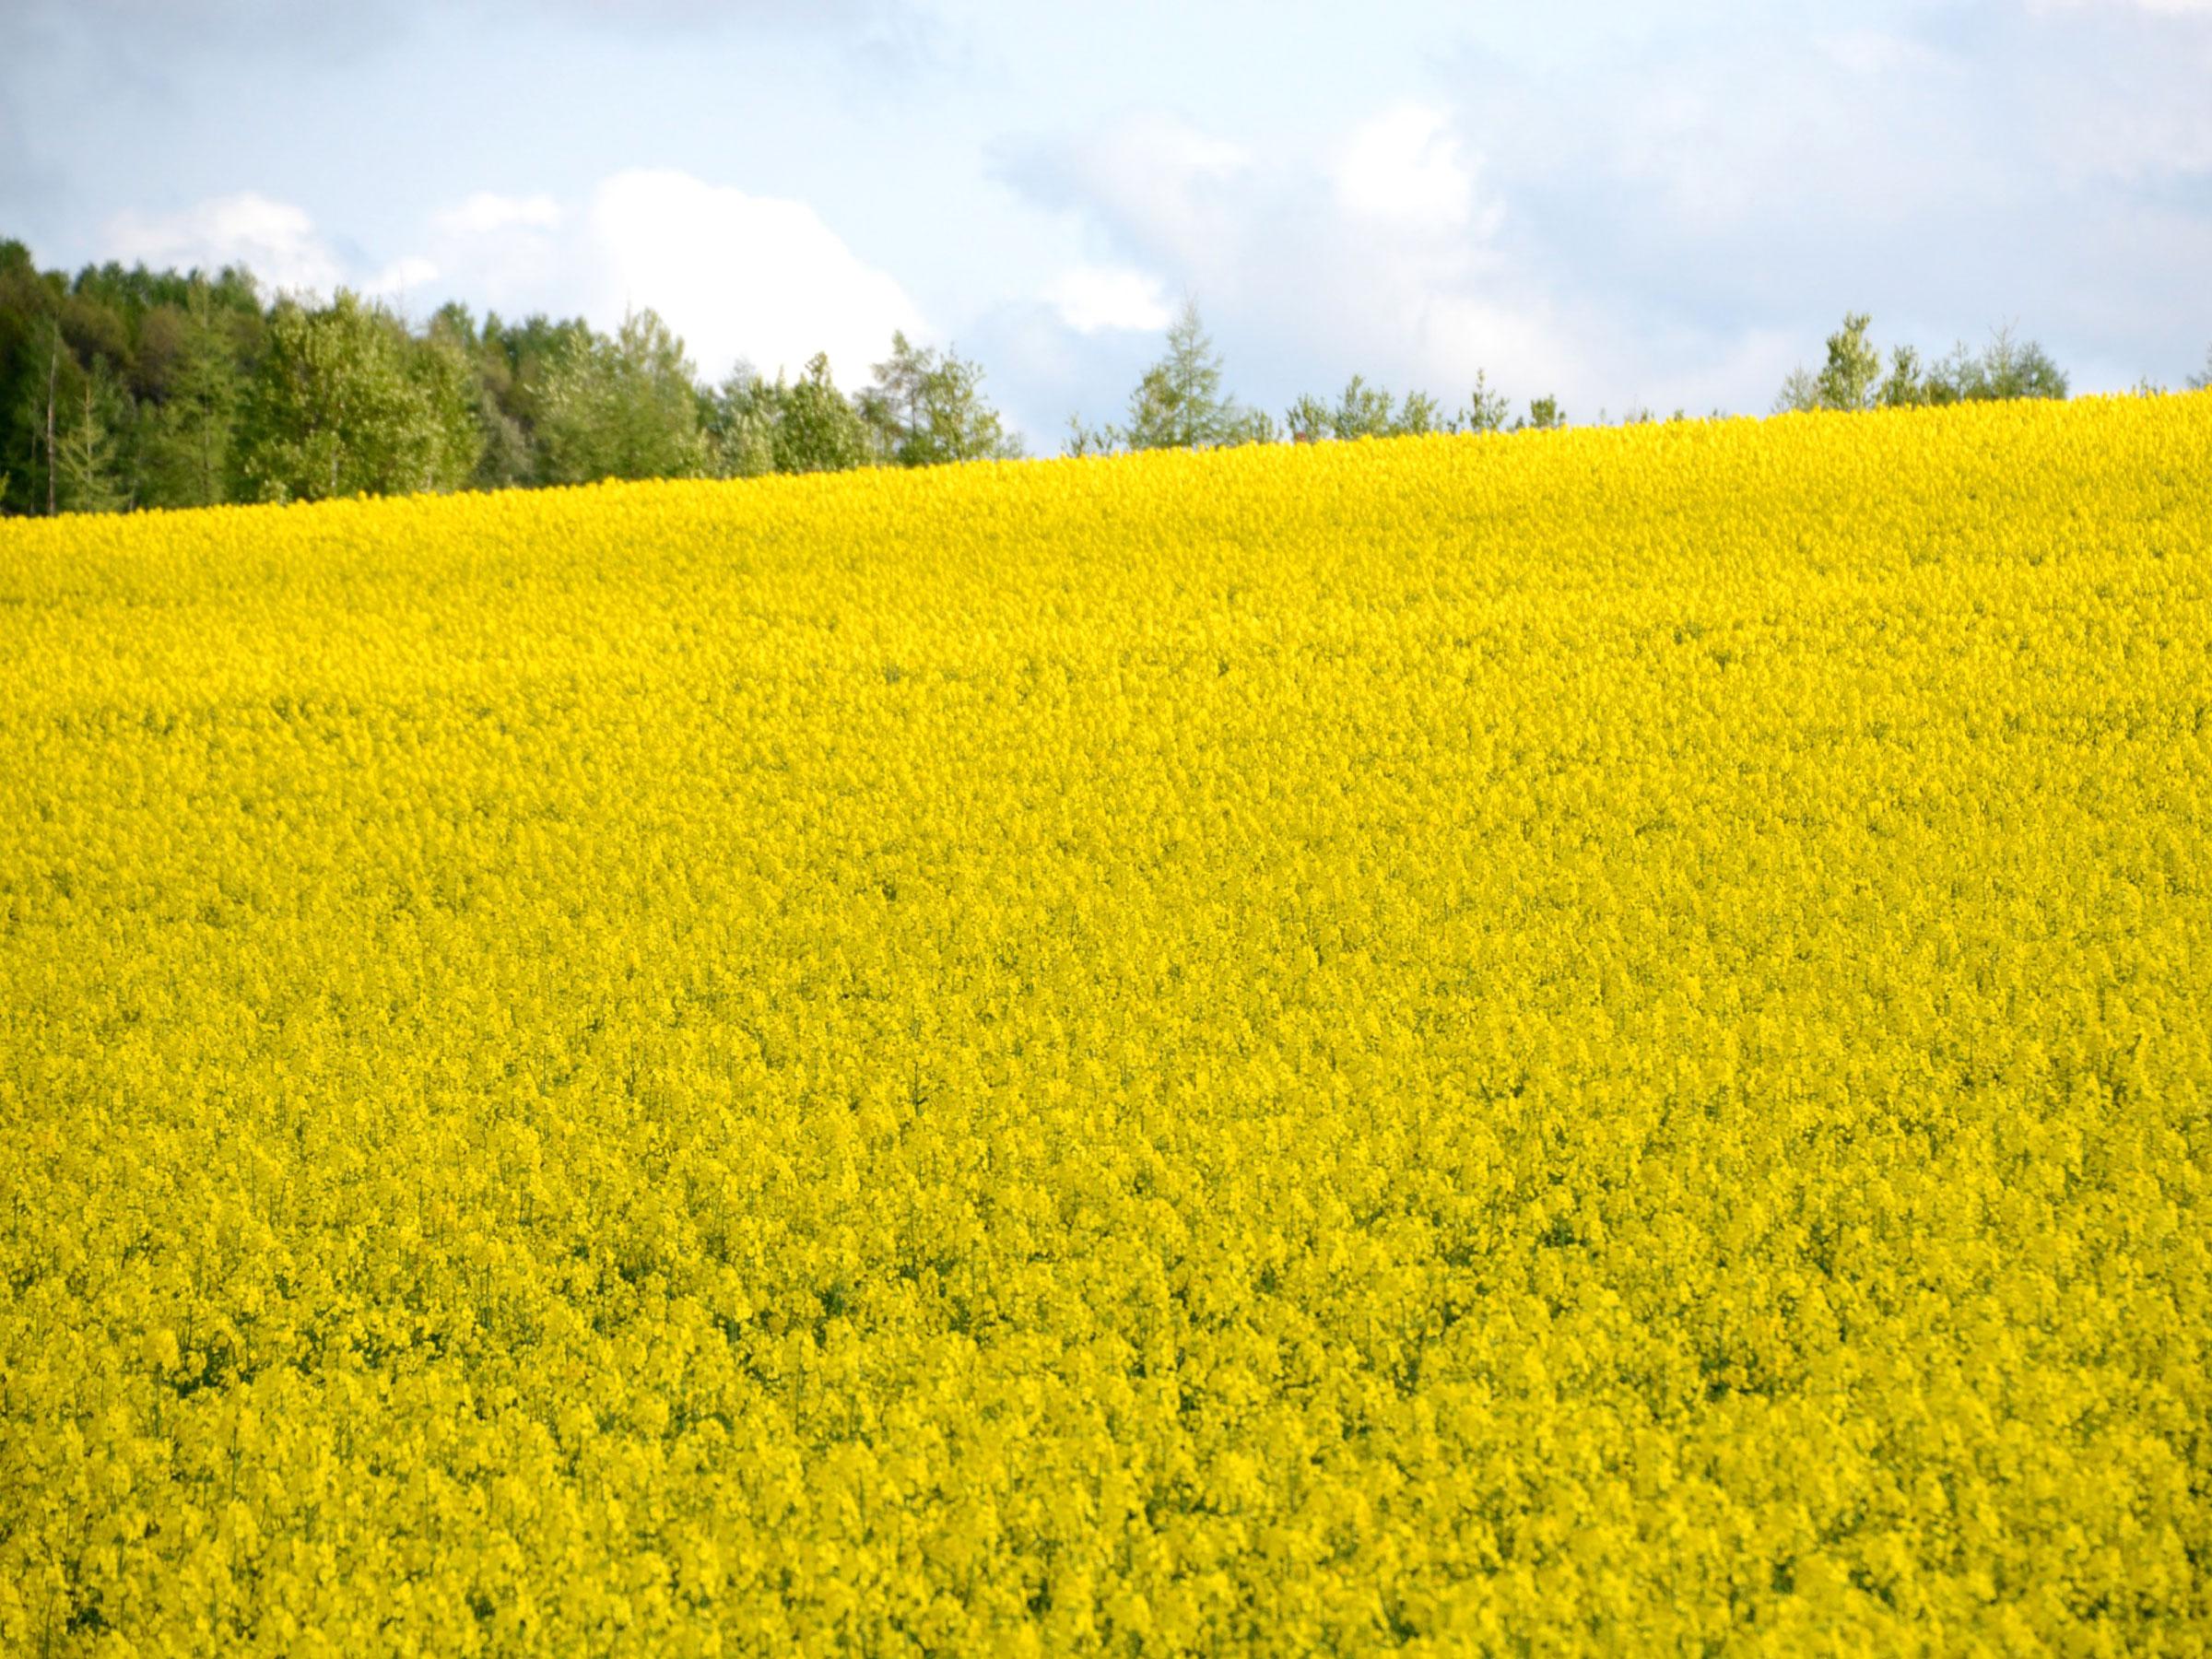 【北海道】春の絶景・風物詩4選 黄色の世界がはてしなく続く夢の景色